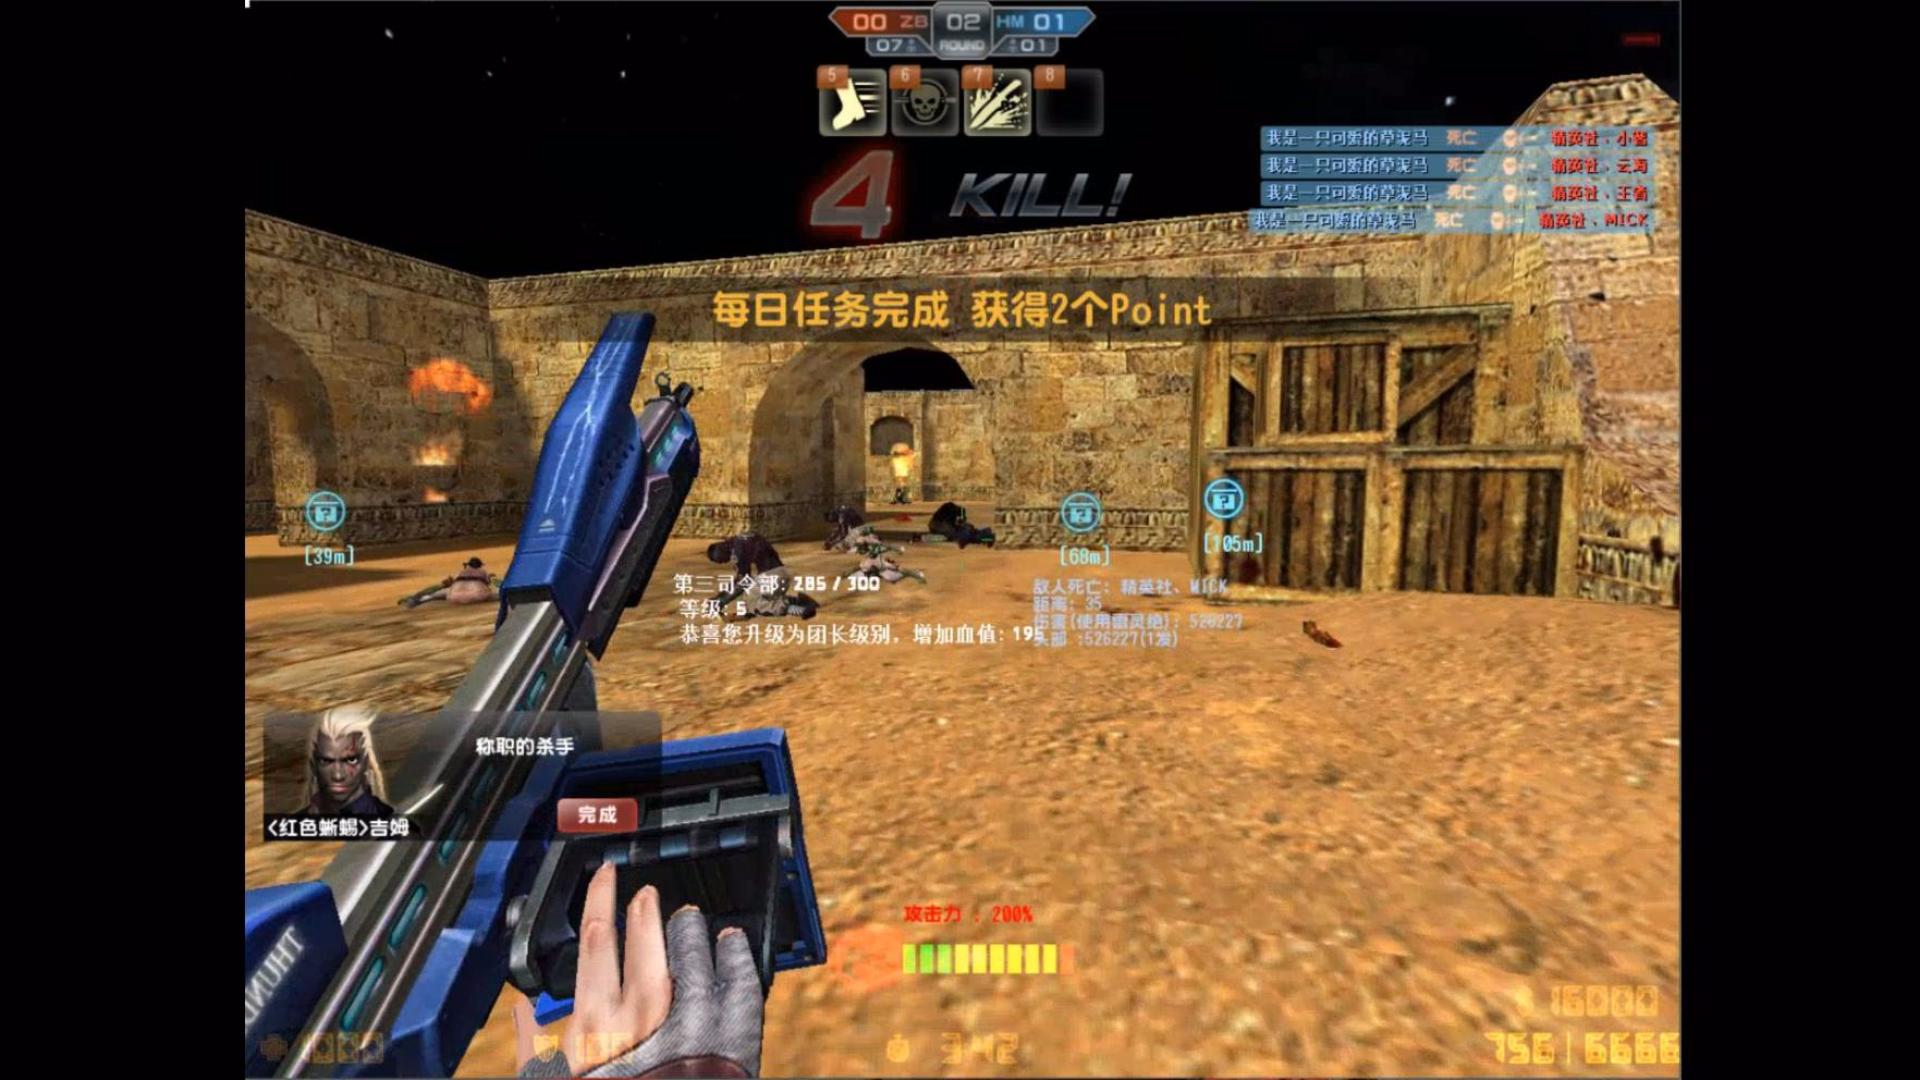 曾让无数CSOL玩家喜爱的变形科幻枪 赤色彗星刷屏再战生化模式